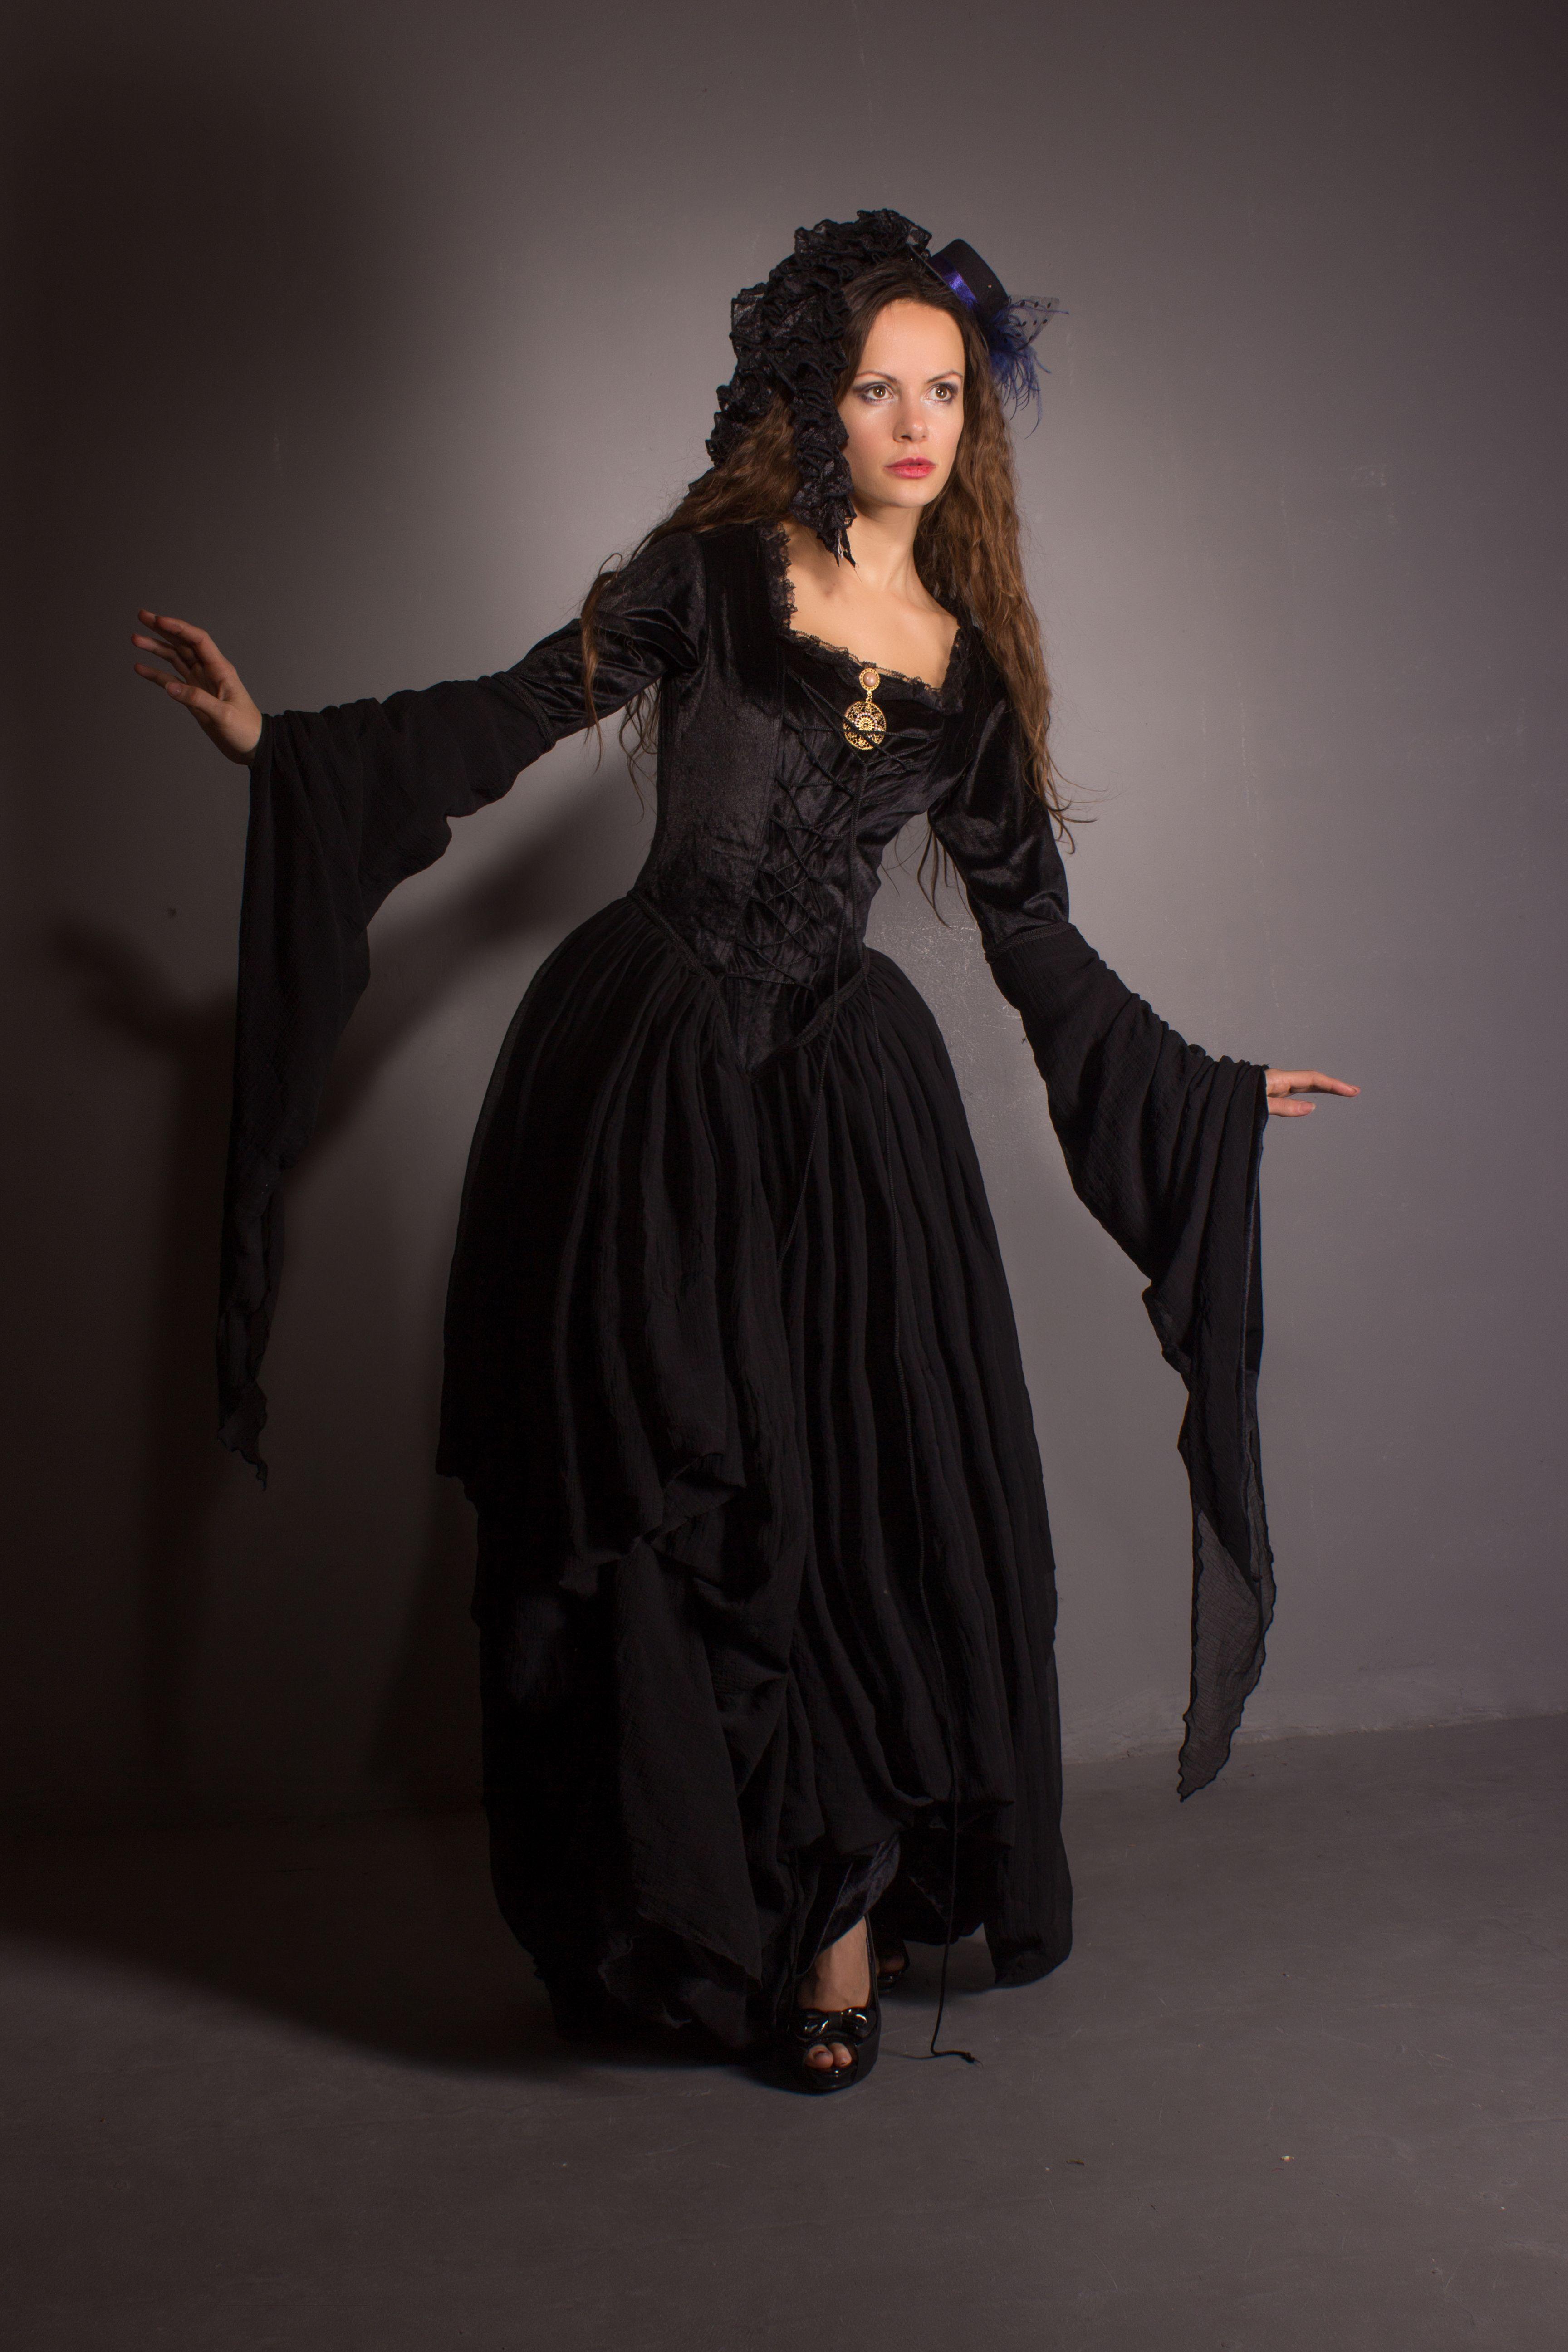 Dress Stand Dresses Black Dress [ 5184 x 3456 Pixel ]